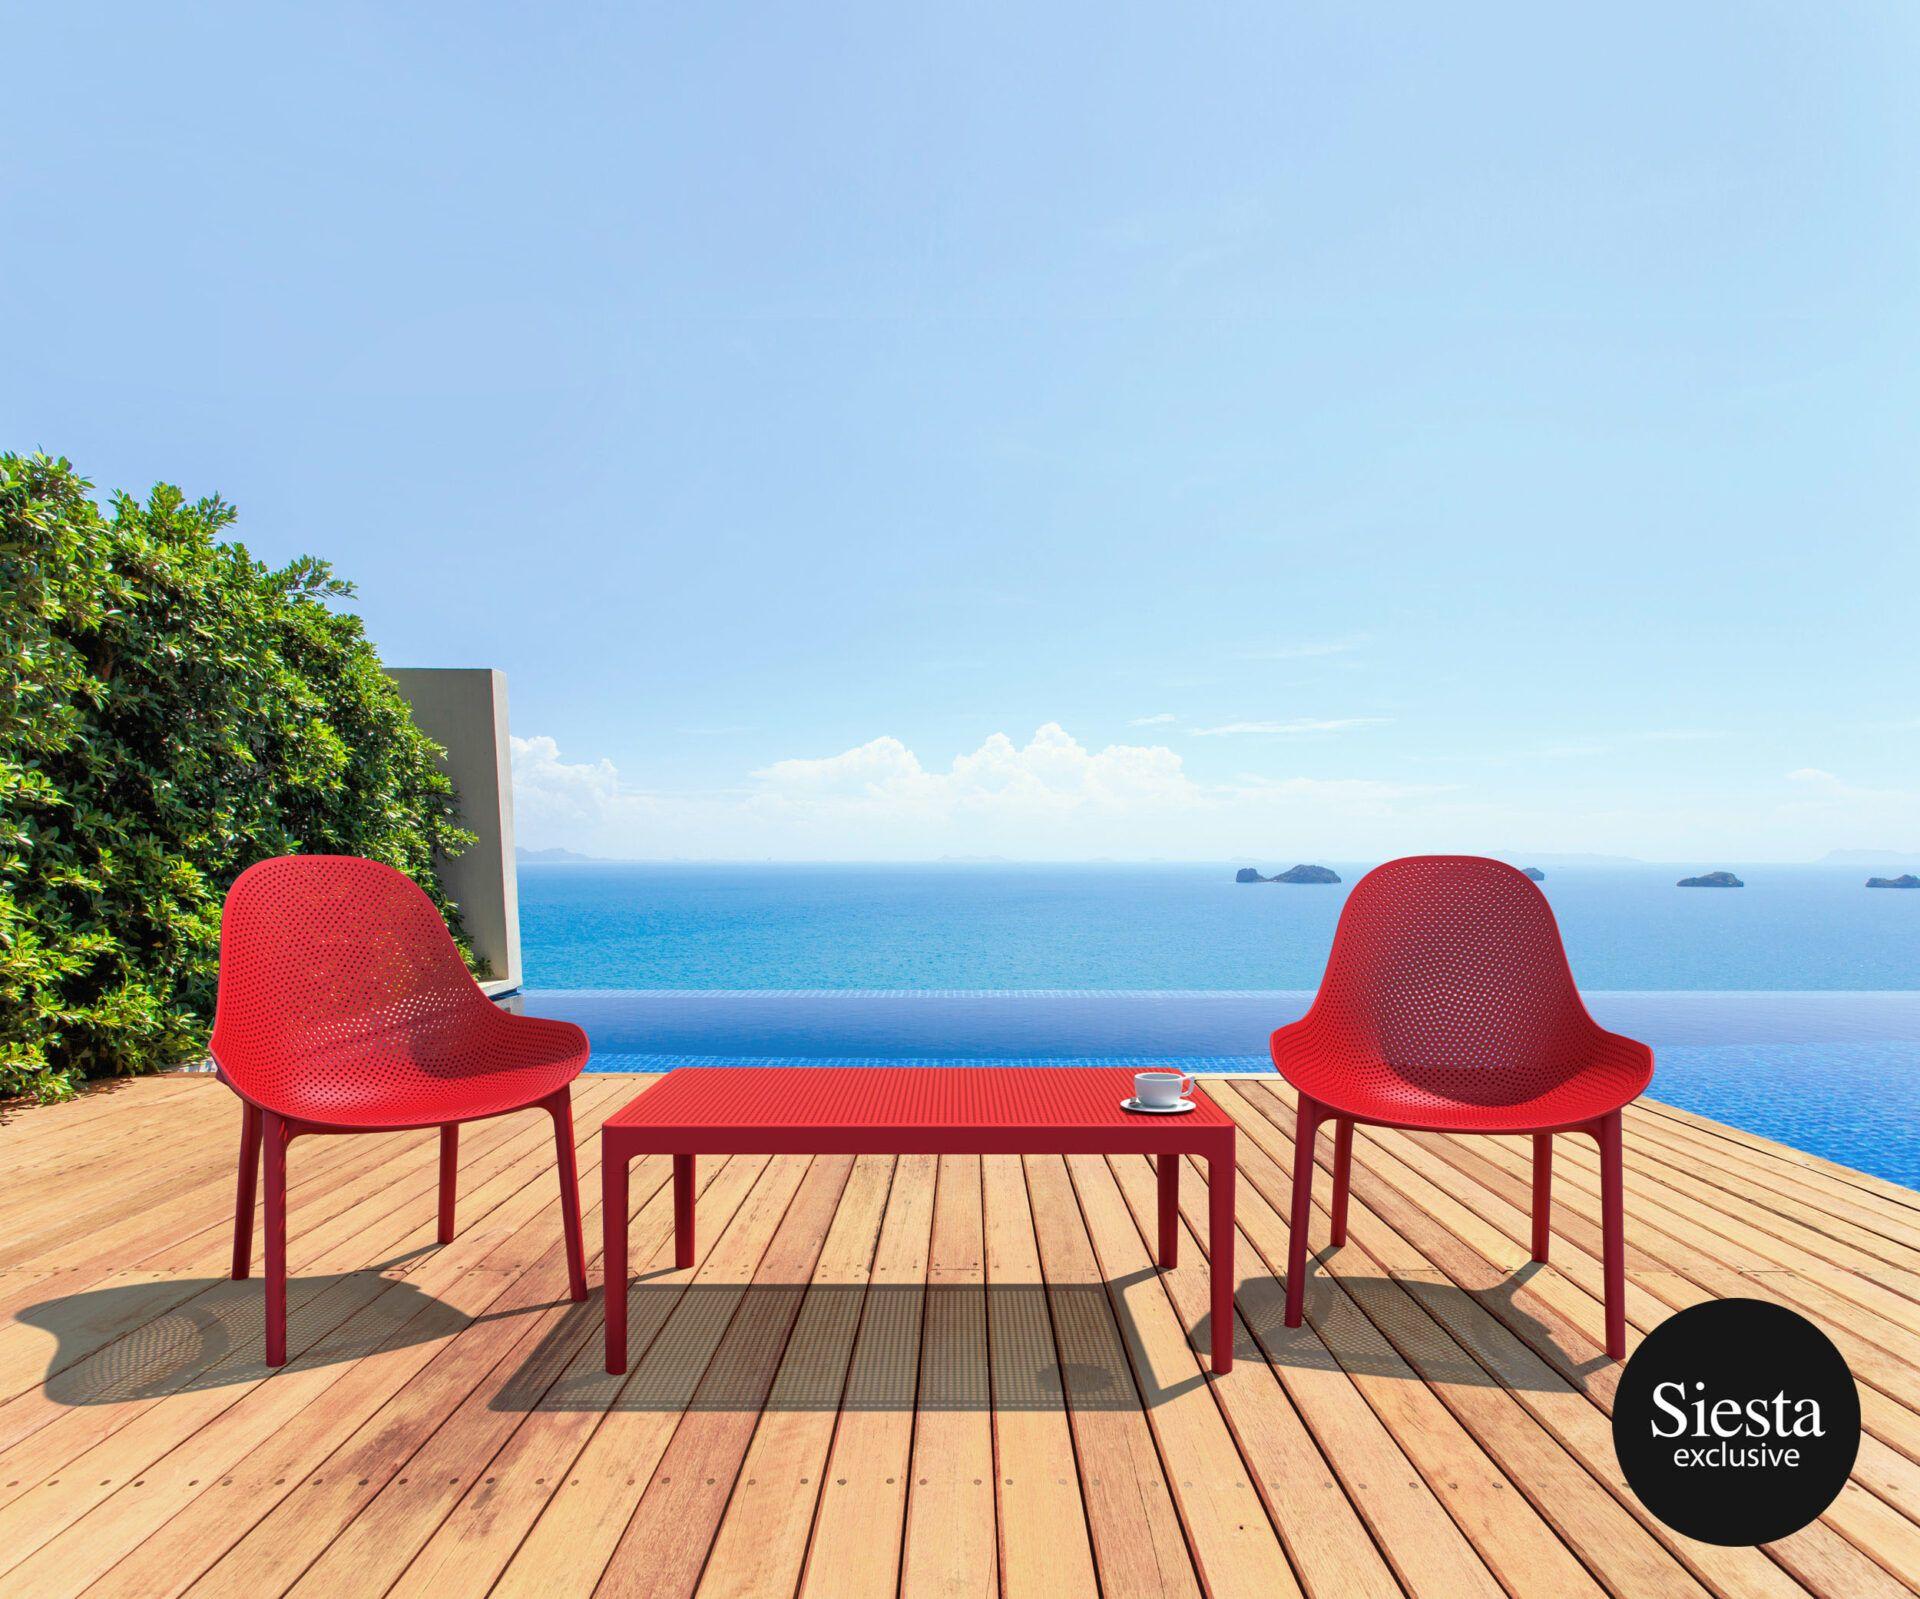 620 sky lounge sky lounge table